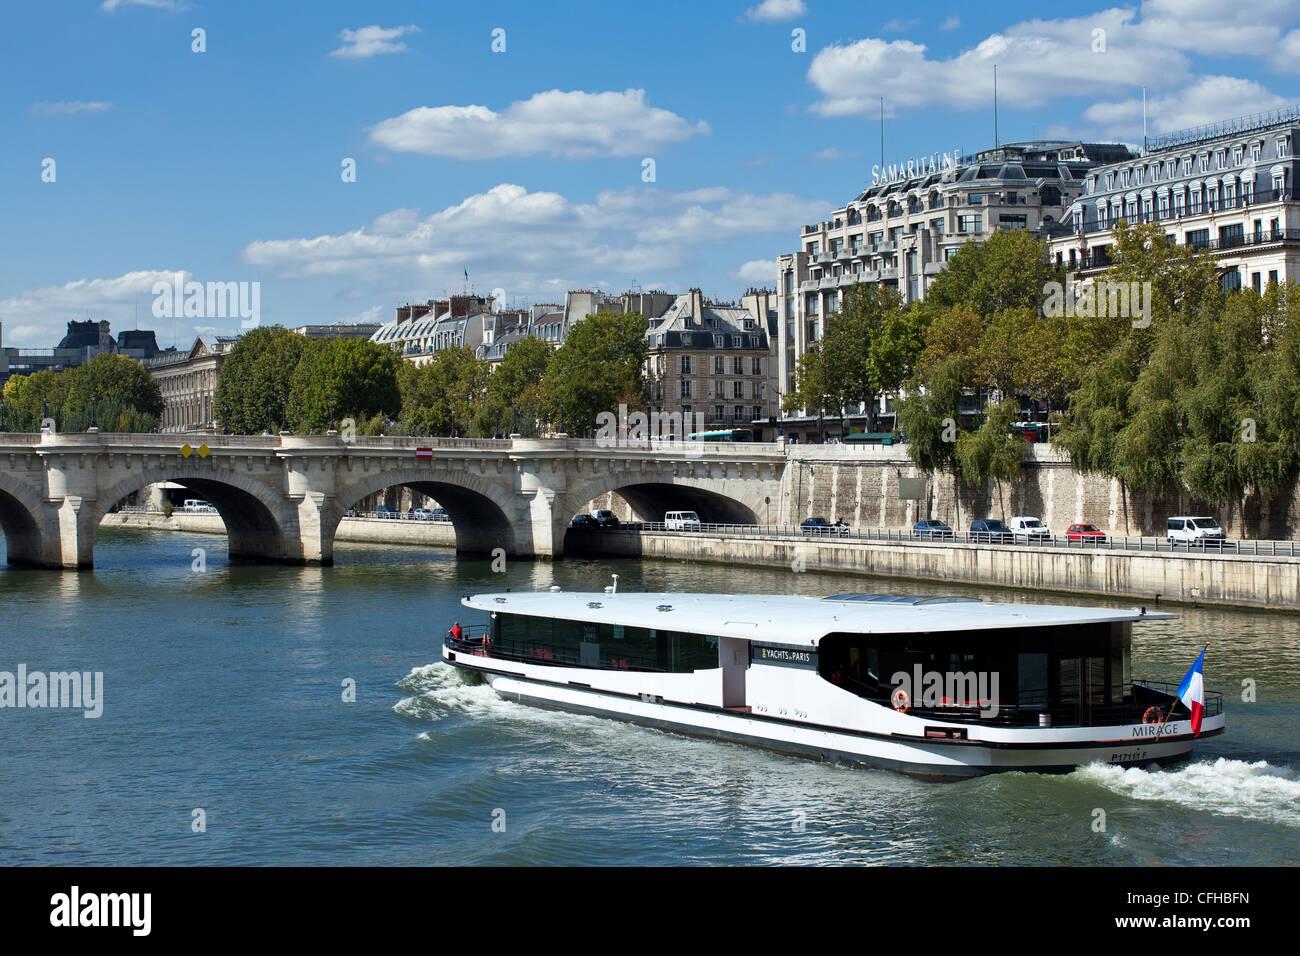 France, Île-de-France, Paris, Bateau Mouche on the Seine river - Stock Image